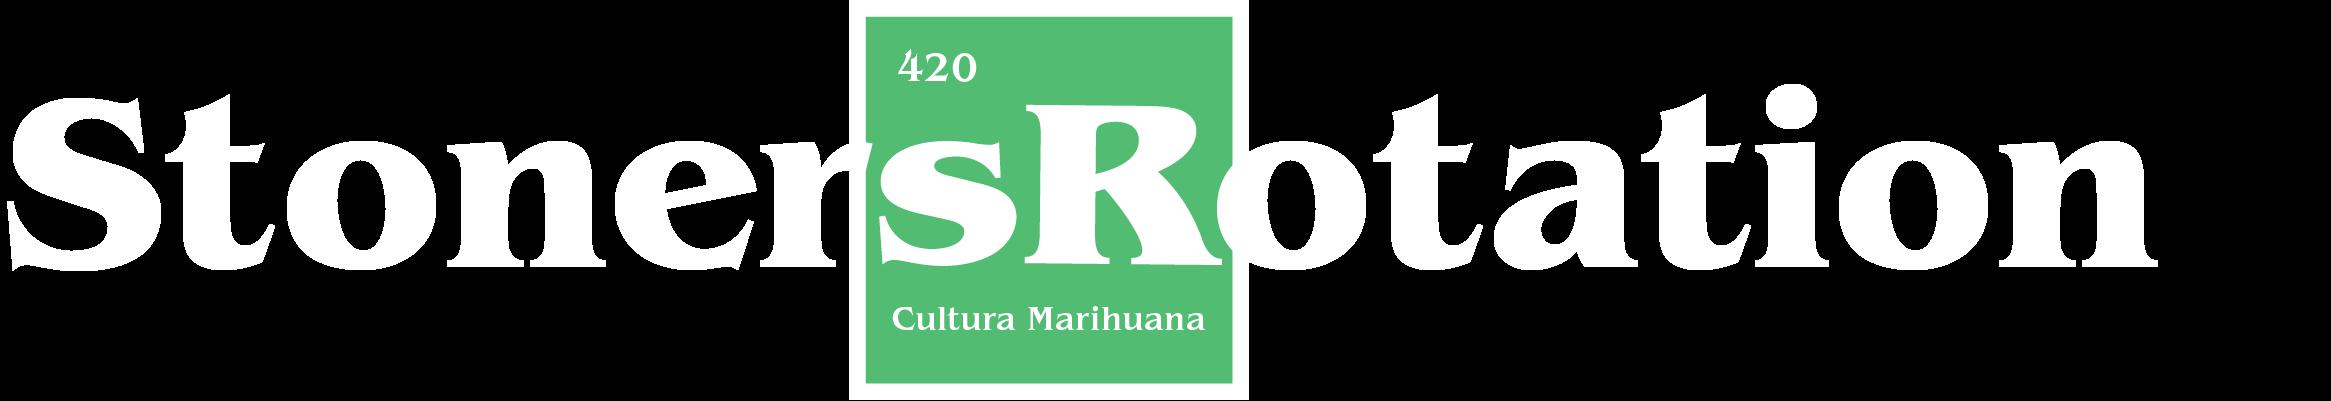 Stoners Rotation Español